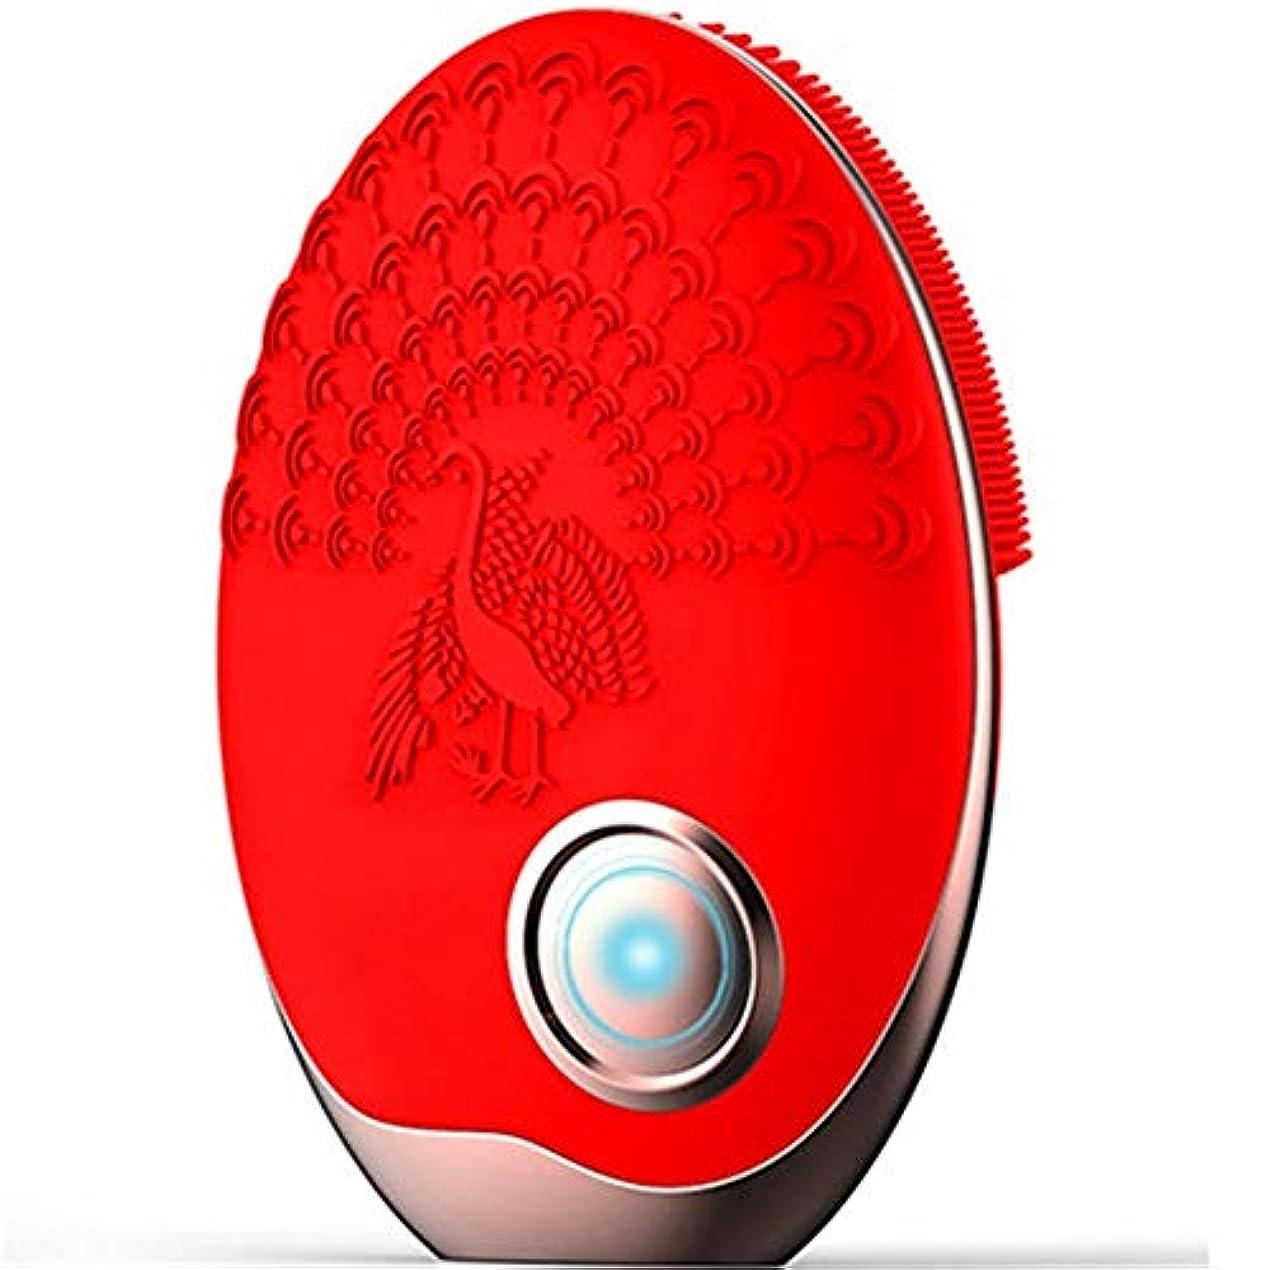 短命石膏耐えるZHILI 洗顔ブラシ、ワイヤレス充電クレンジング美容器具、電気掃除用ブラシ、超音波振動洗浄用ブラシ、シリコーン洗濯機 (Color : Red)